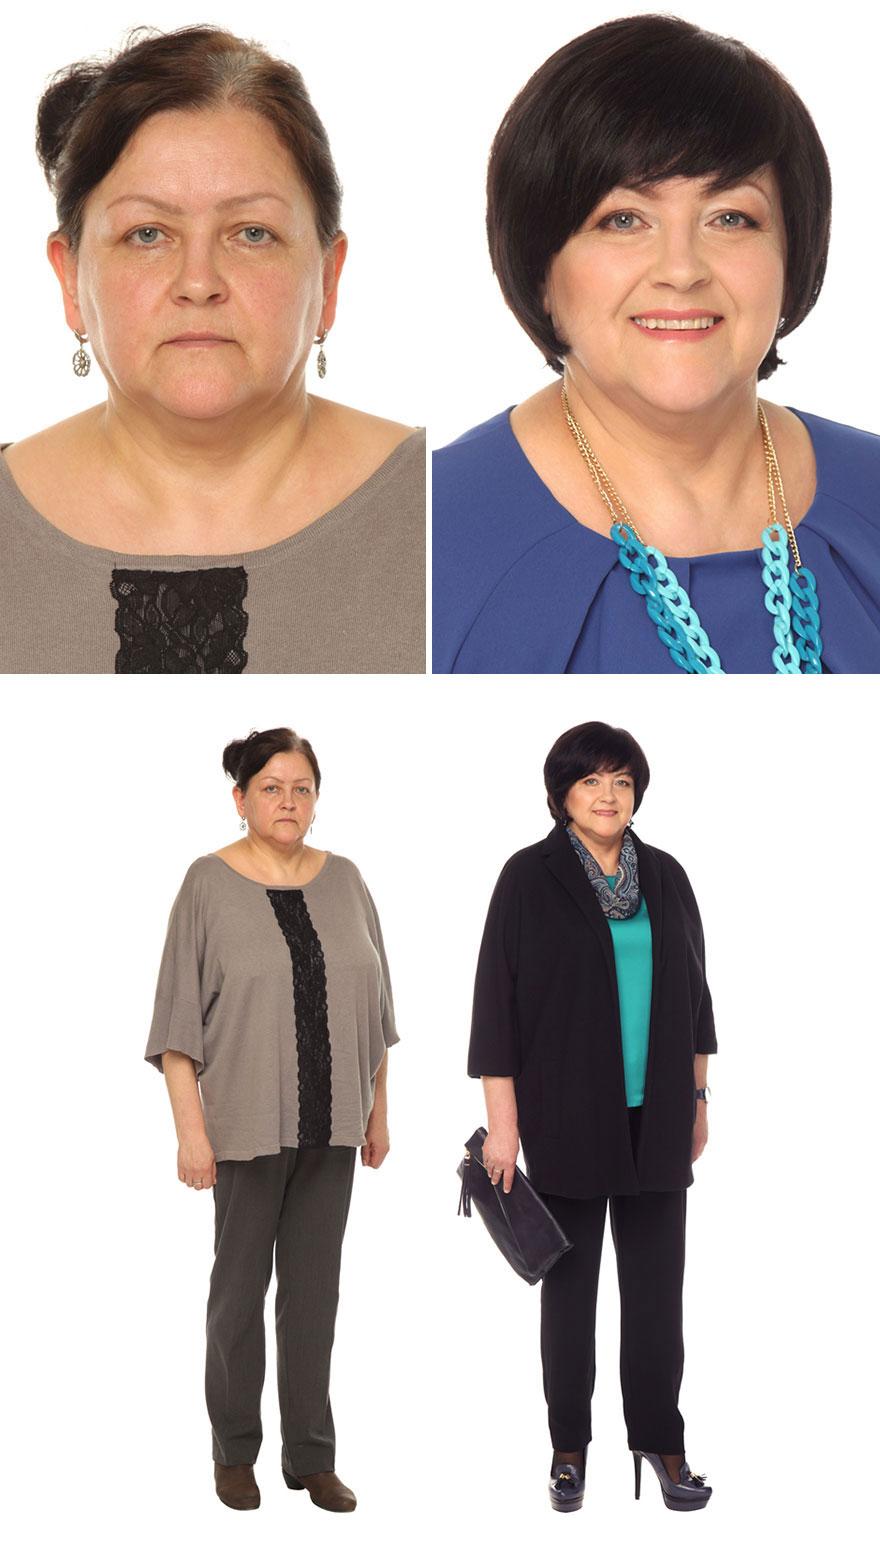 fotos-antes-despues-mujeres-cambio-estilo-bogomolov-36